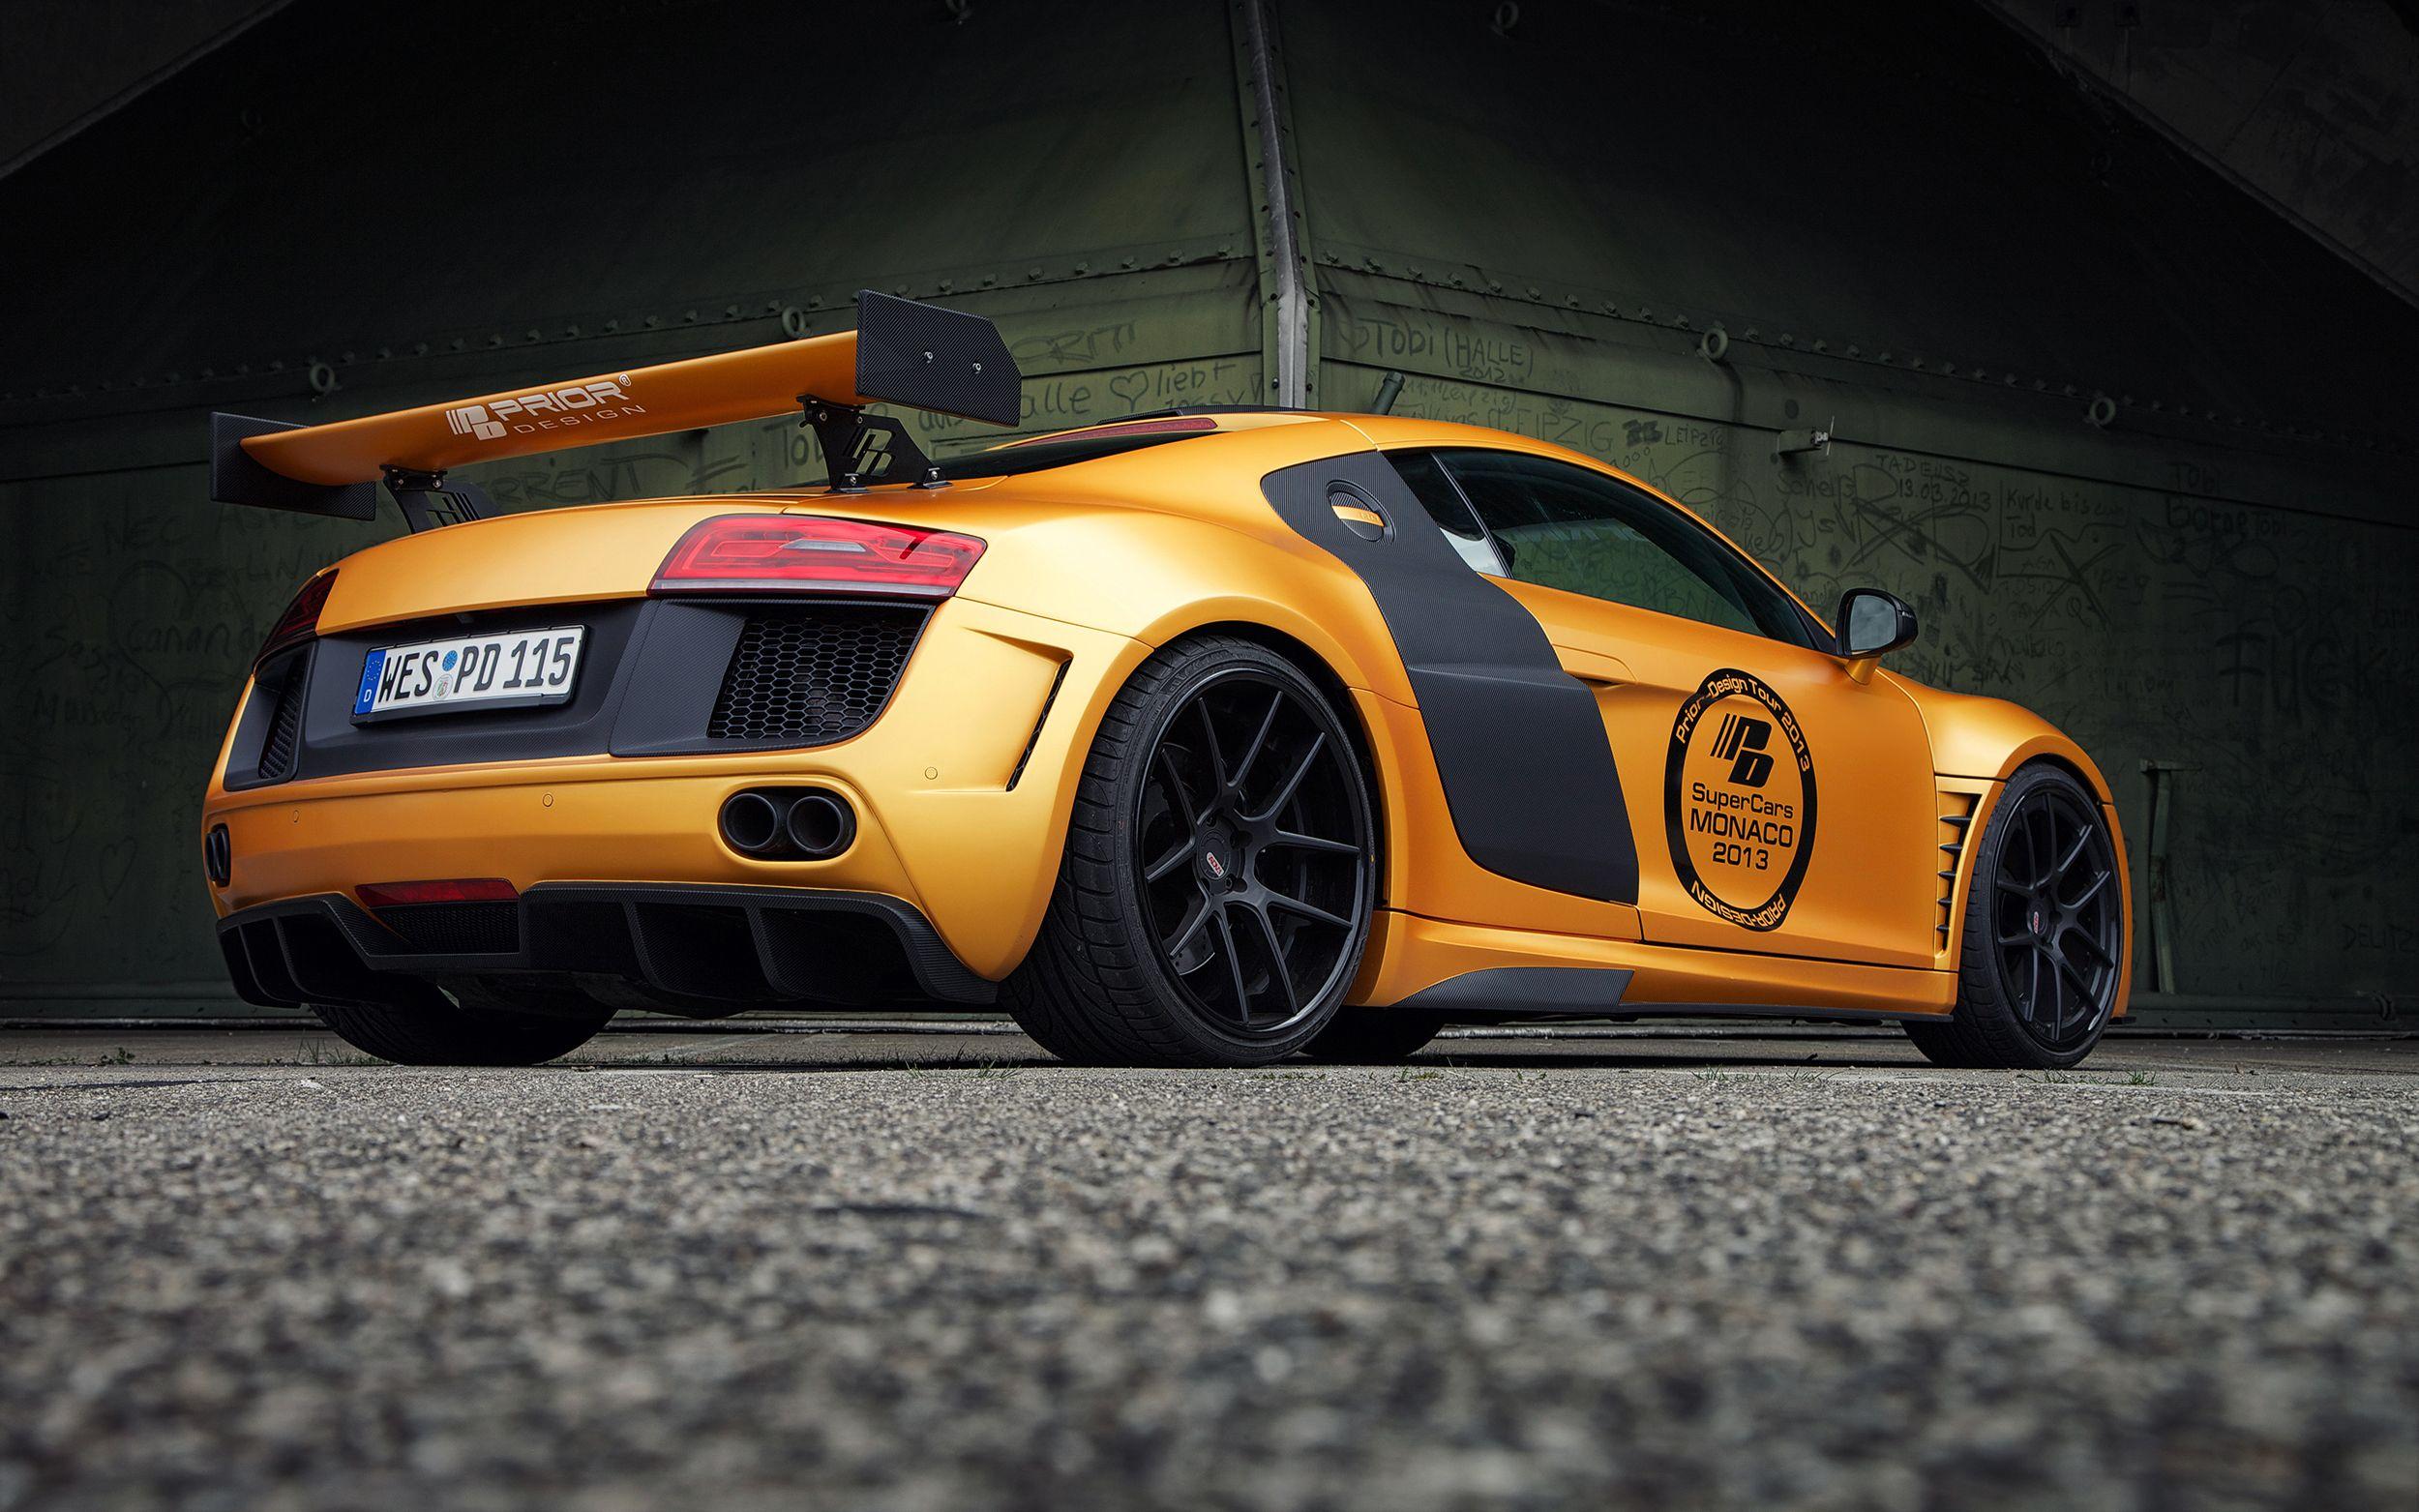 Audi R8 | @priordesign Widebody Aero-Kit PDGT850  Erhältlich bei www.prior-design.de  #audi #audiR8 #r8 #priordesign #widebody #bodykit #tuning #car #cars #carstyling #auto #autos #lifestyle #luxury #sportwagen #sportscar #quality #goodlife #carsofinstagram #follow #love #motorholic   Mehr Infos unter www.prior-design.de & in unserem Magazin www.motorholic.de